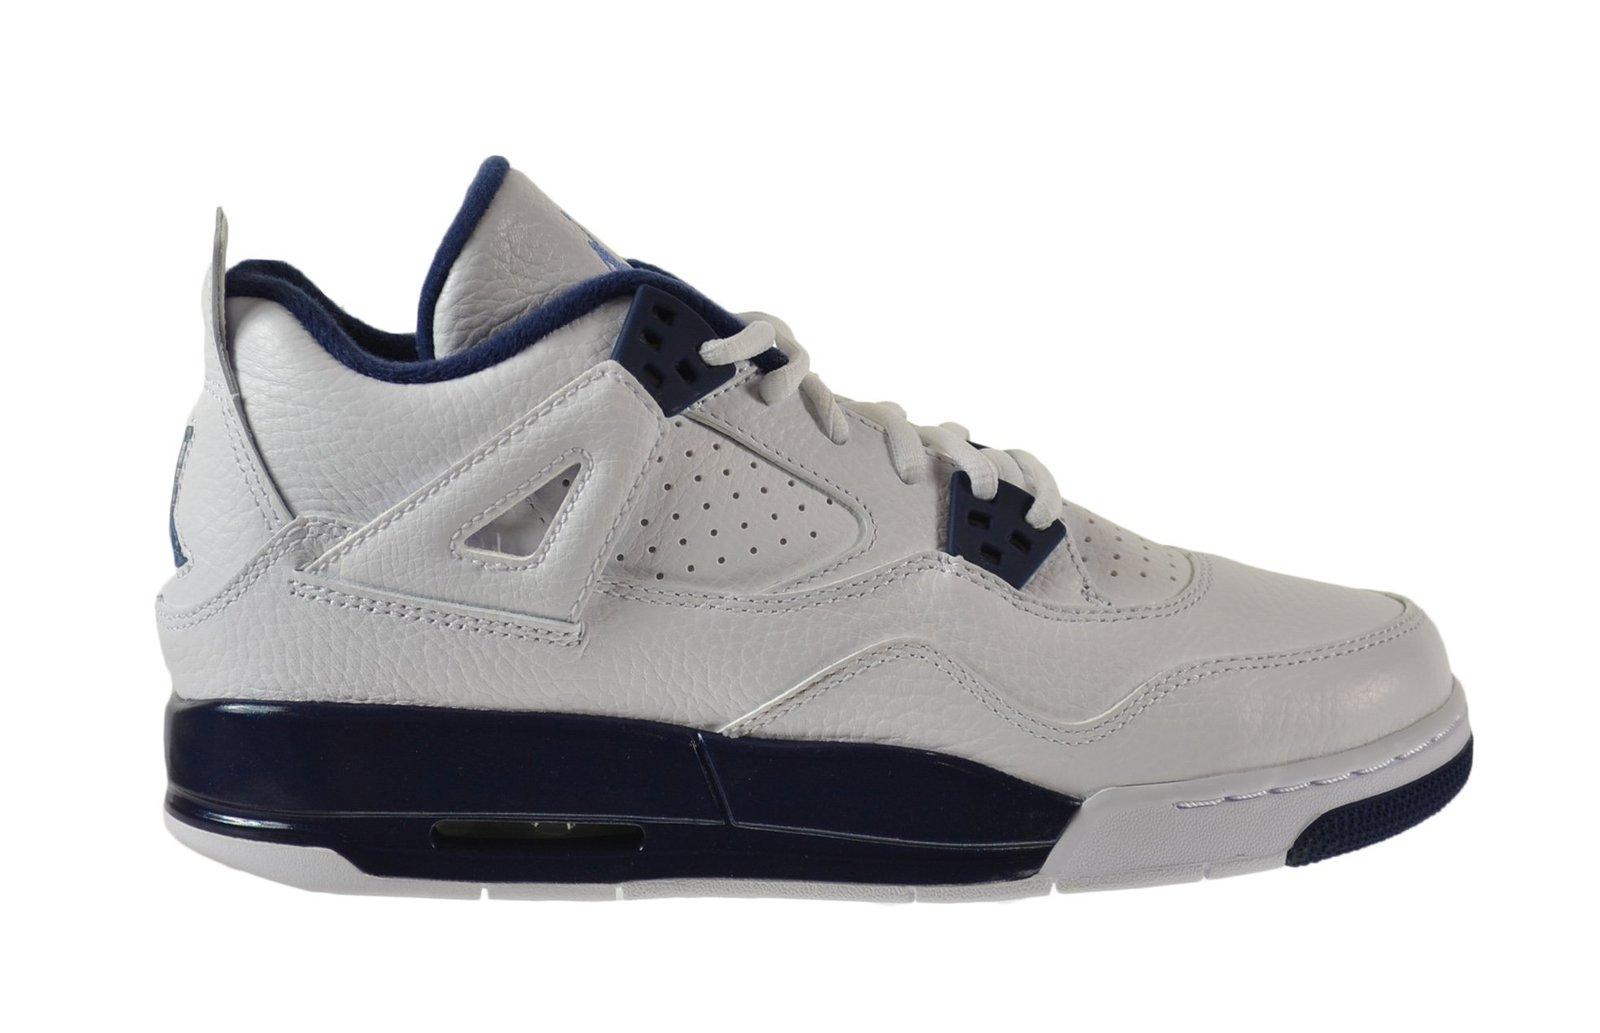 best loved d8f75 50952 Nike Jordan Kids Air Jordan 4 Retro Bg White Legend Blue Mdnght Navy  Basketba